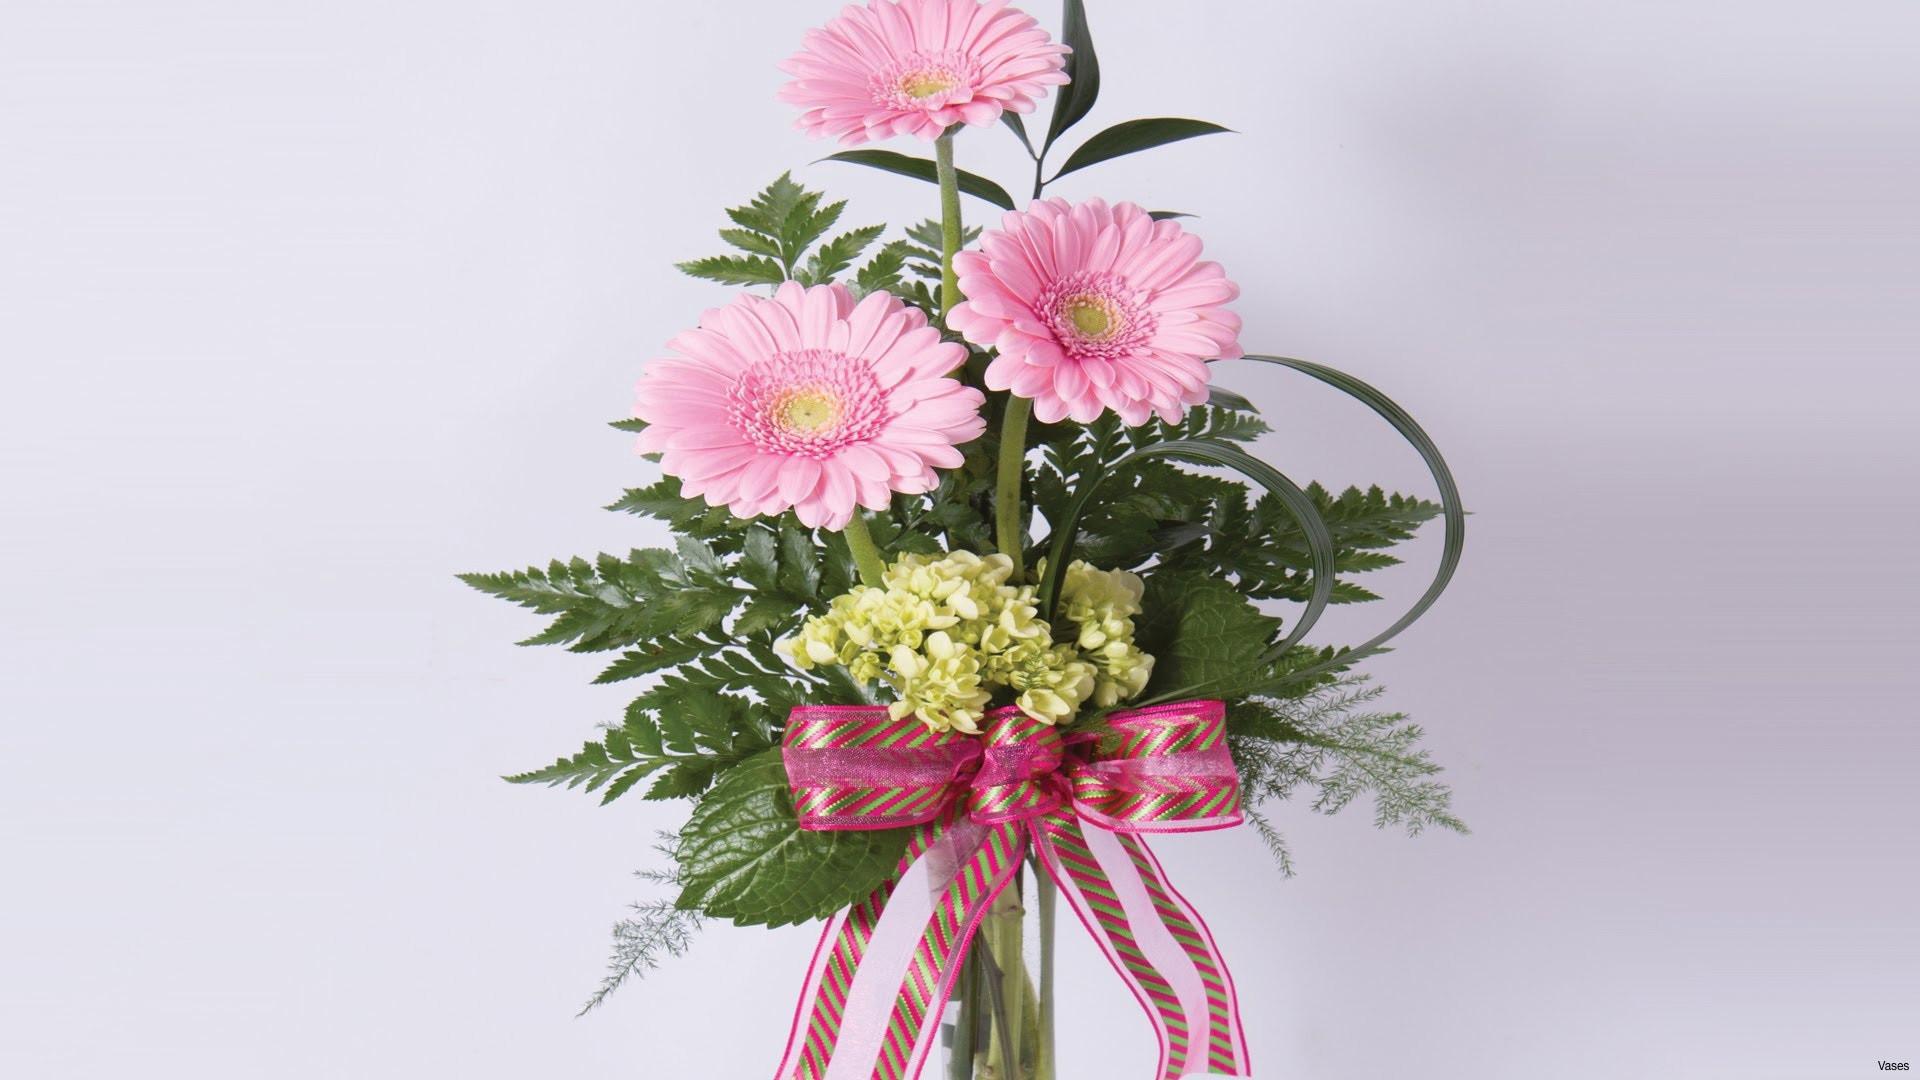 Inspirational H Vases Bud Vase Flower Arrangements I 0d for Inspiration Design 5 Fresh How